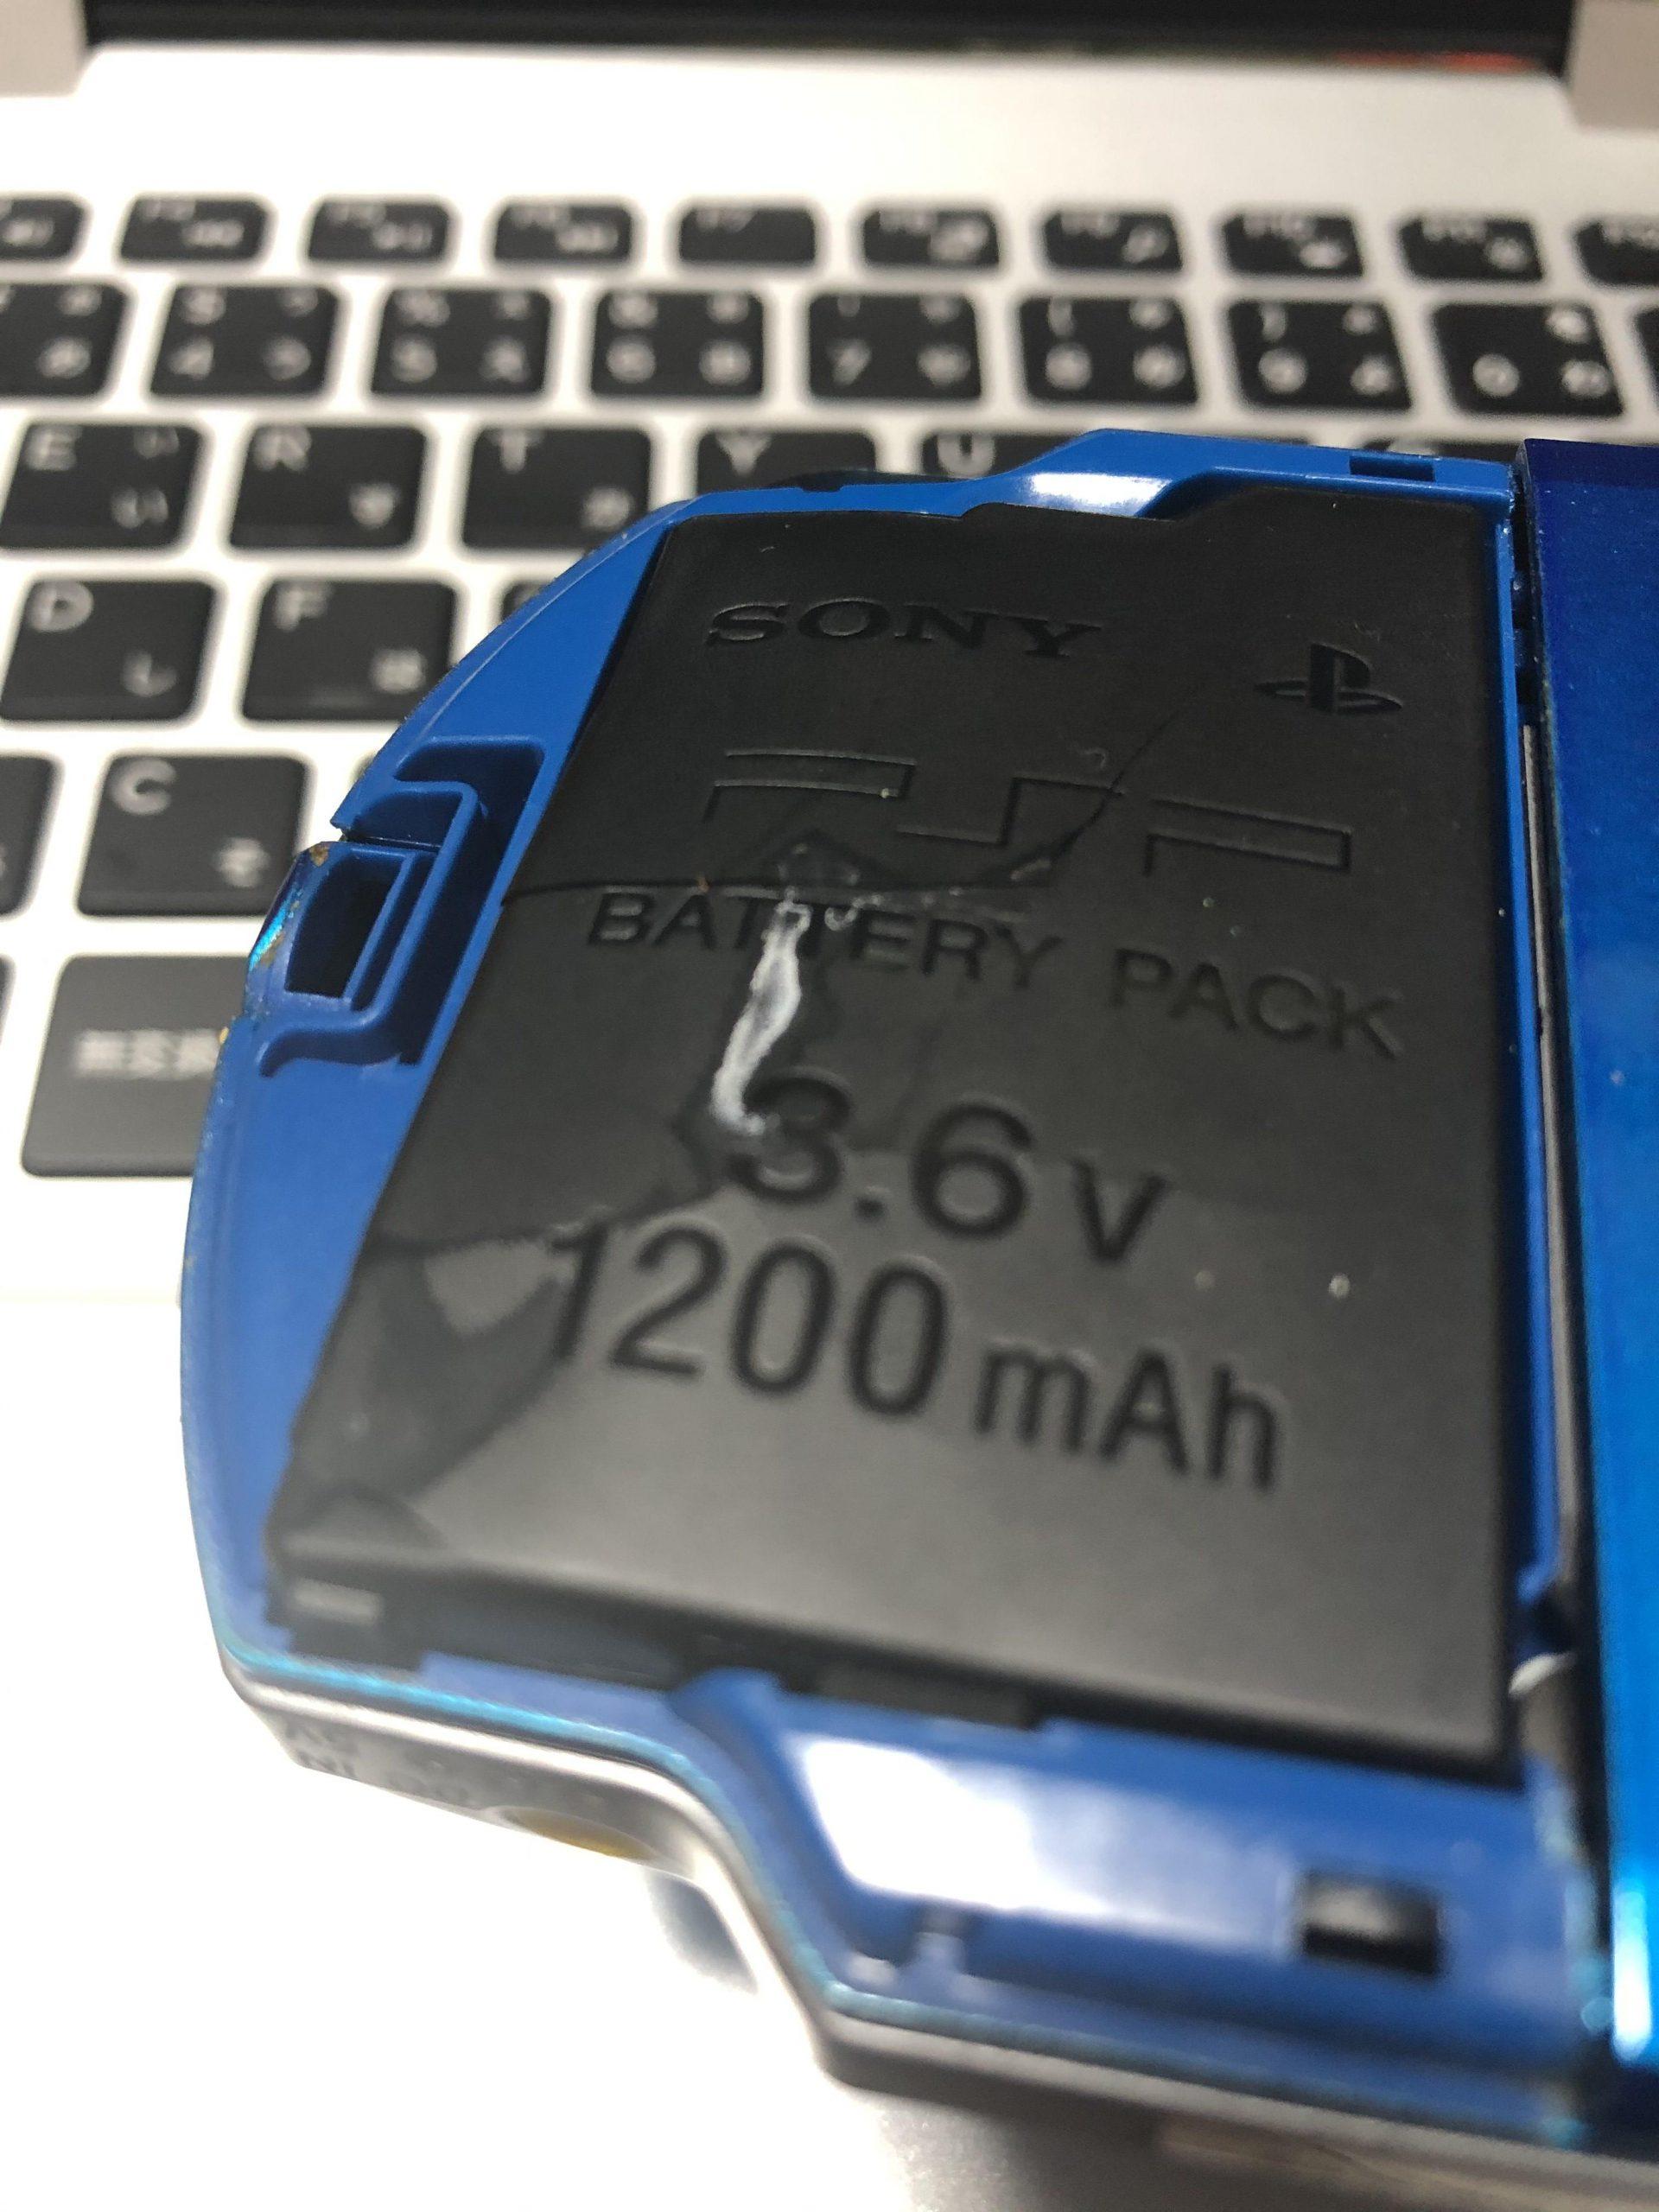 AVckTwS scaled - PSPさんのバッテリーが膨張するがTwitterでトレンド入りへ